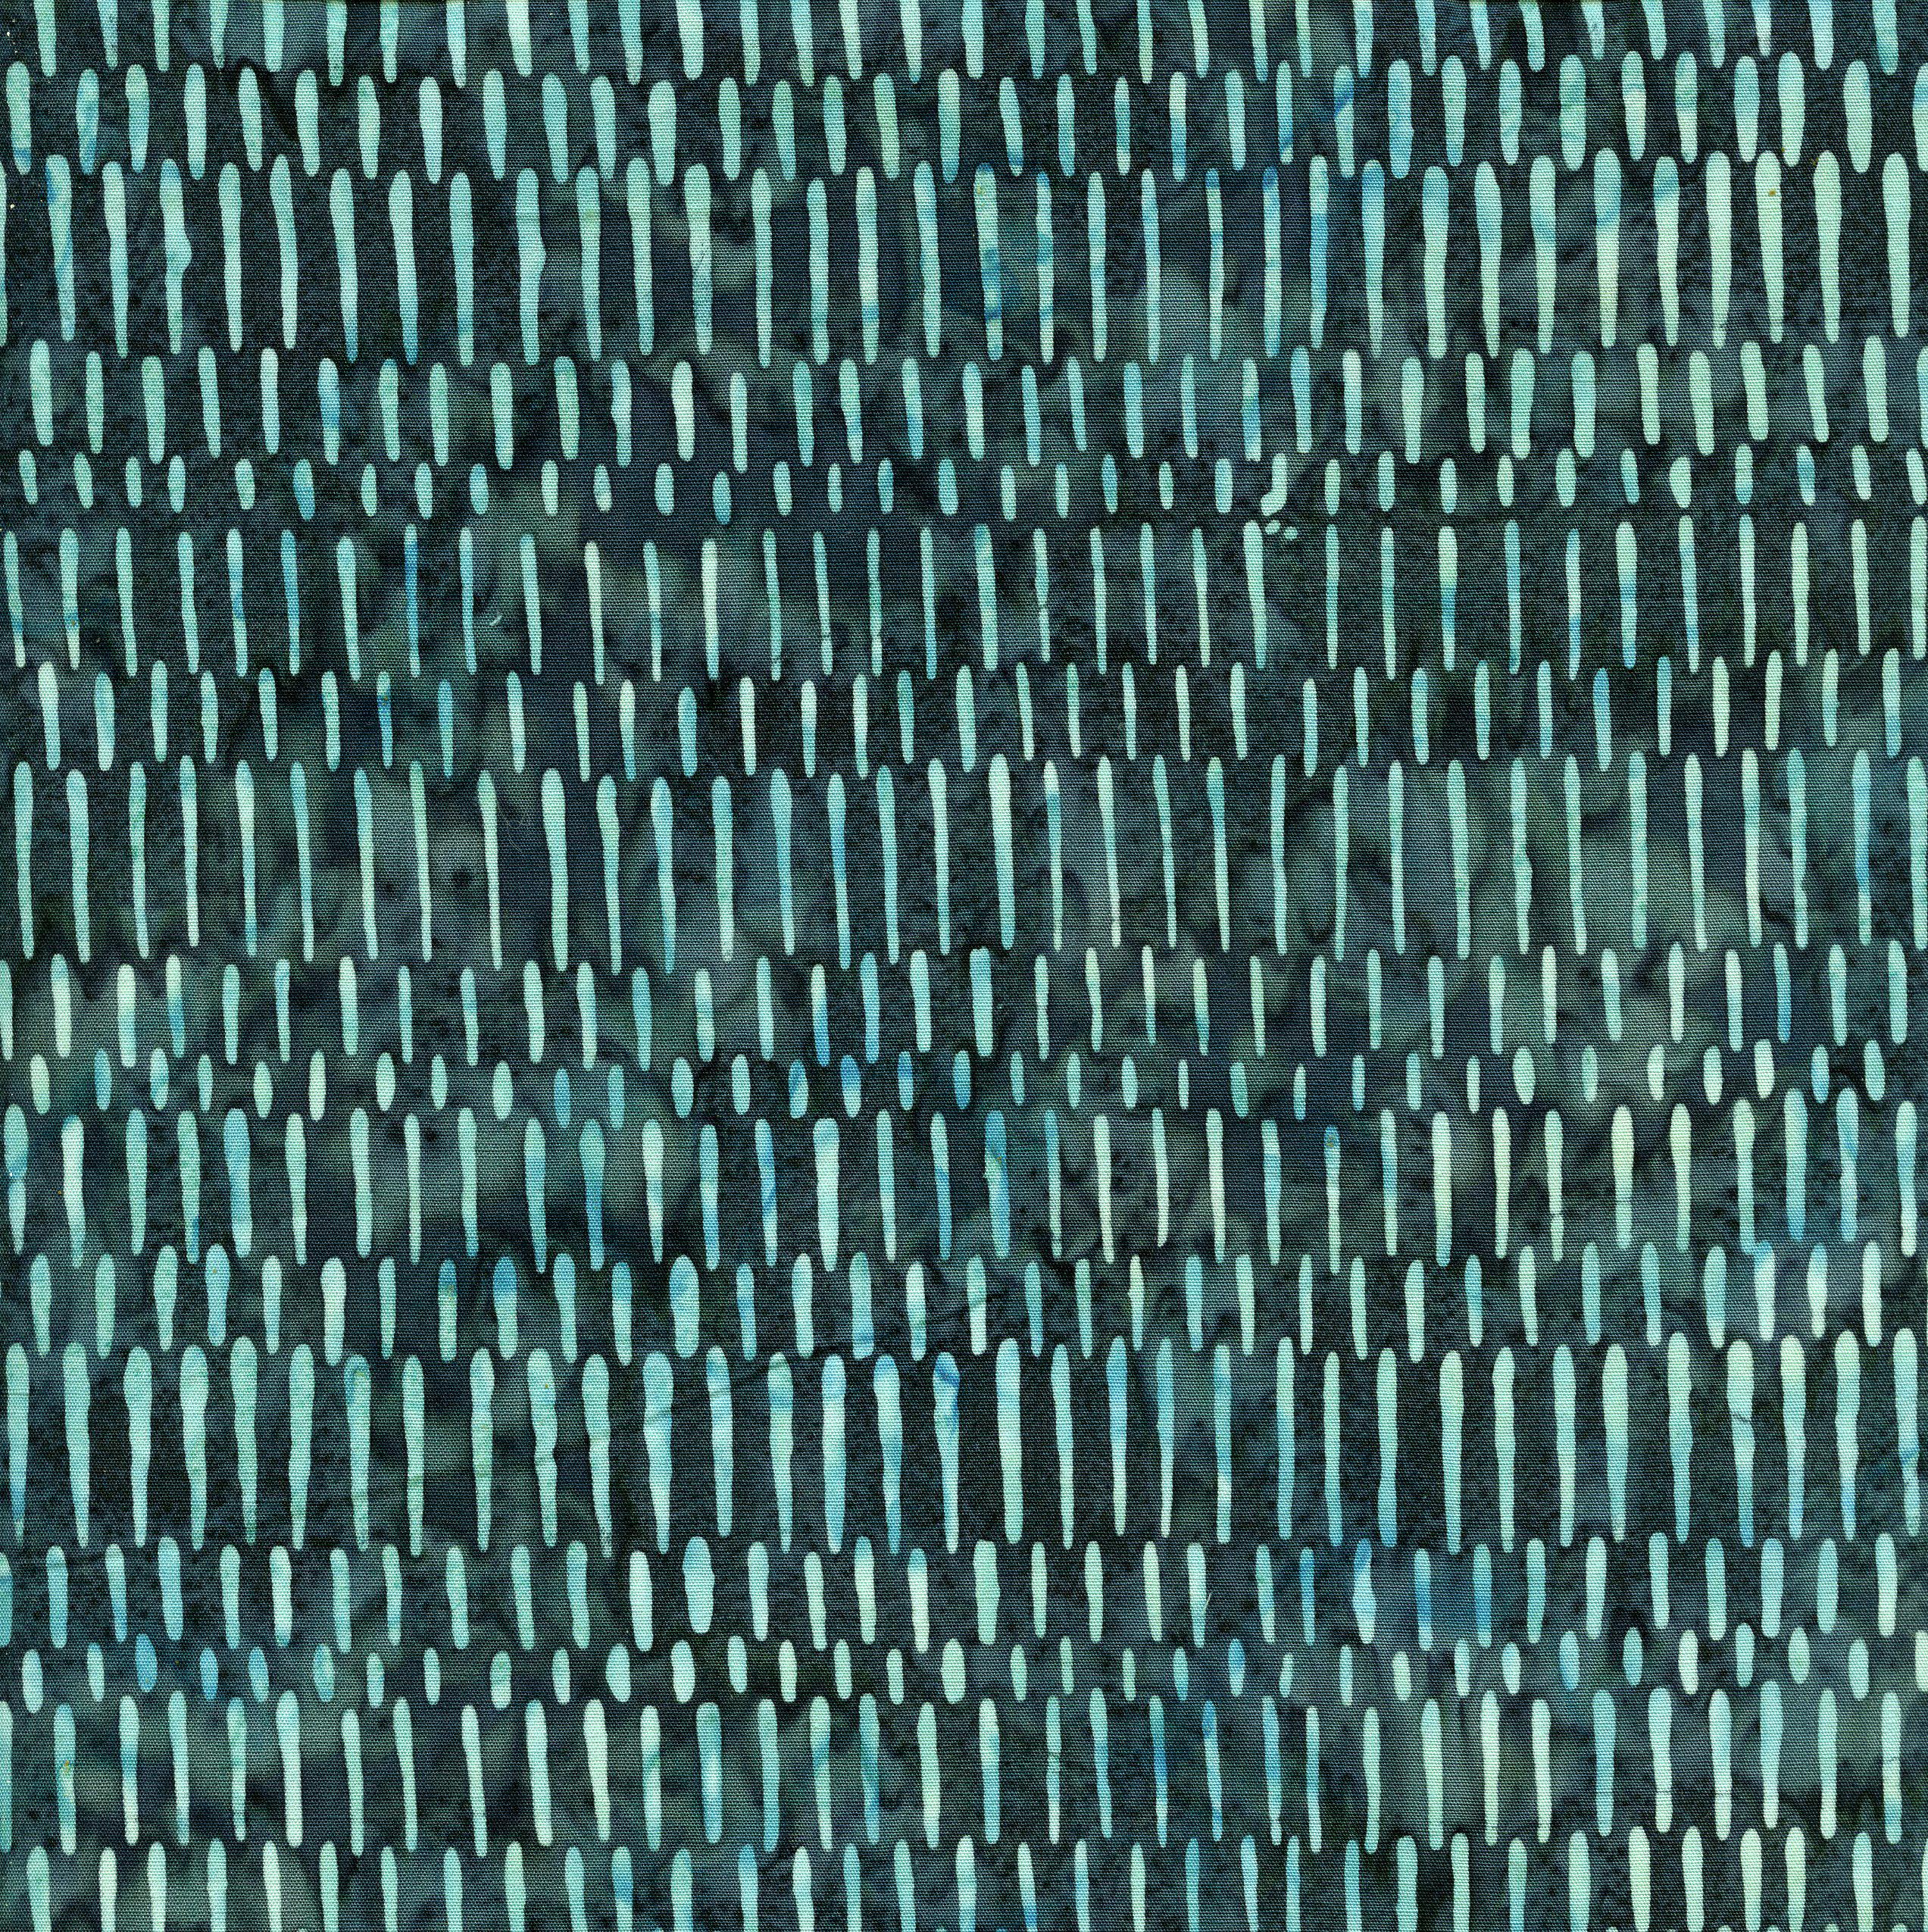 Island Batik Teal Short Lines